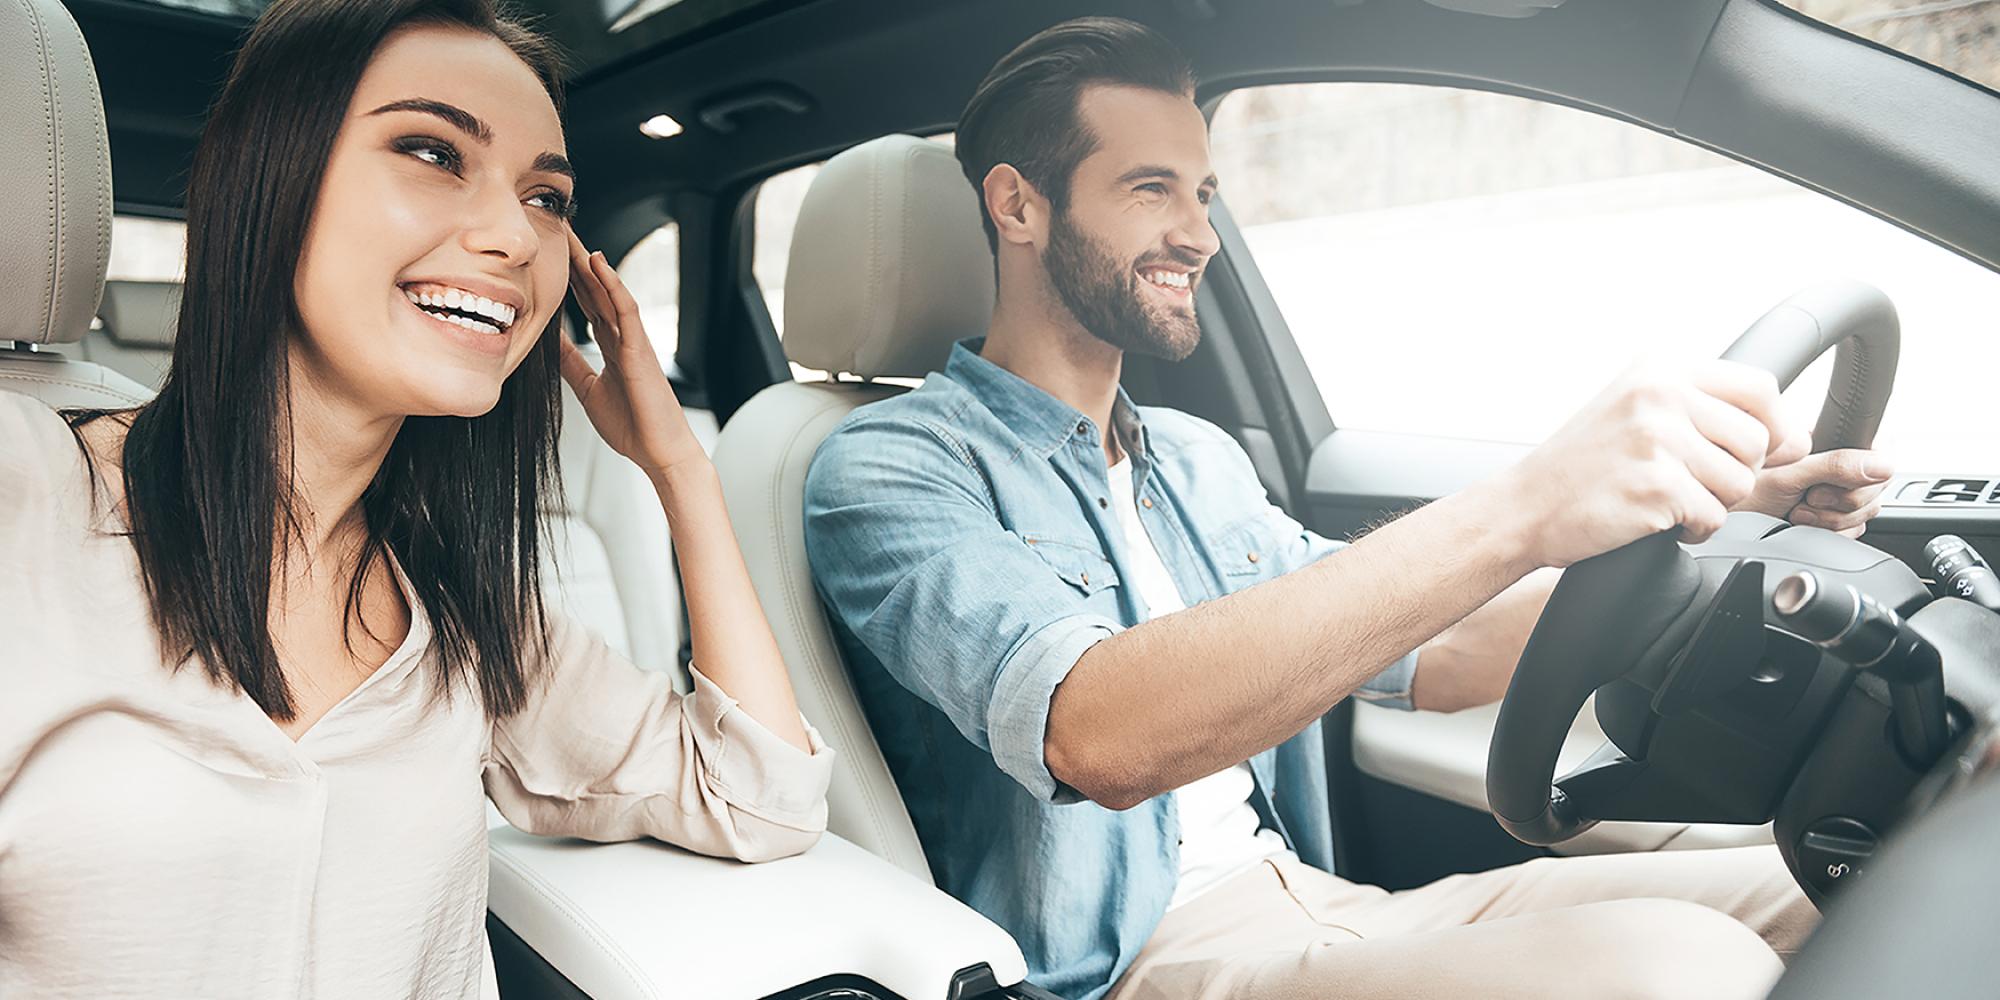 Junge lächelnde Frau und junger lächelnder Mann im Auto